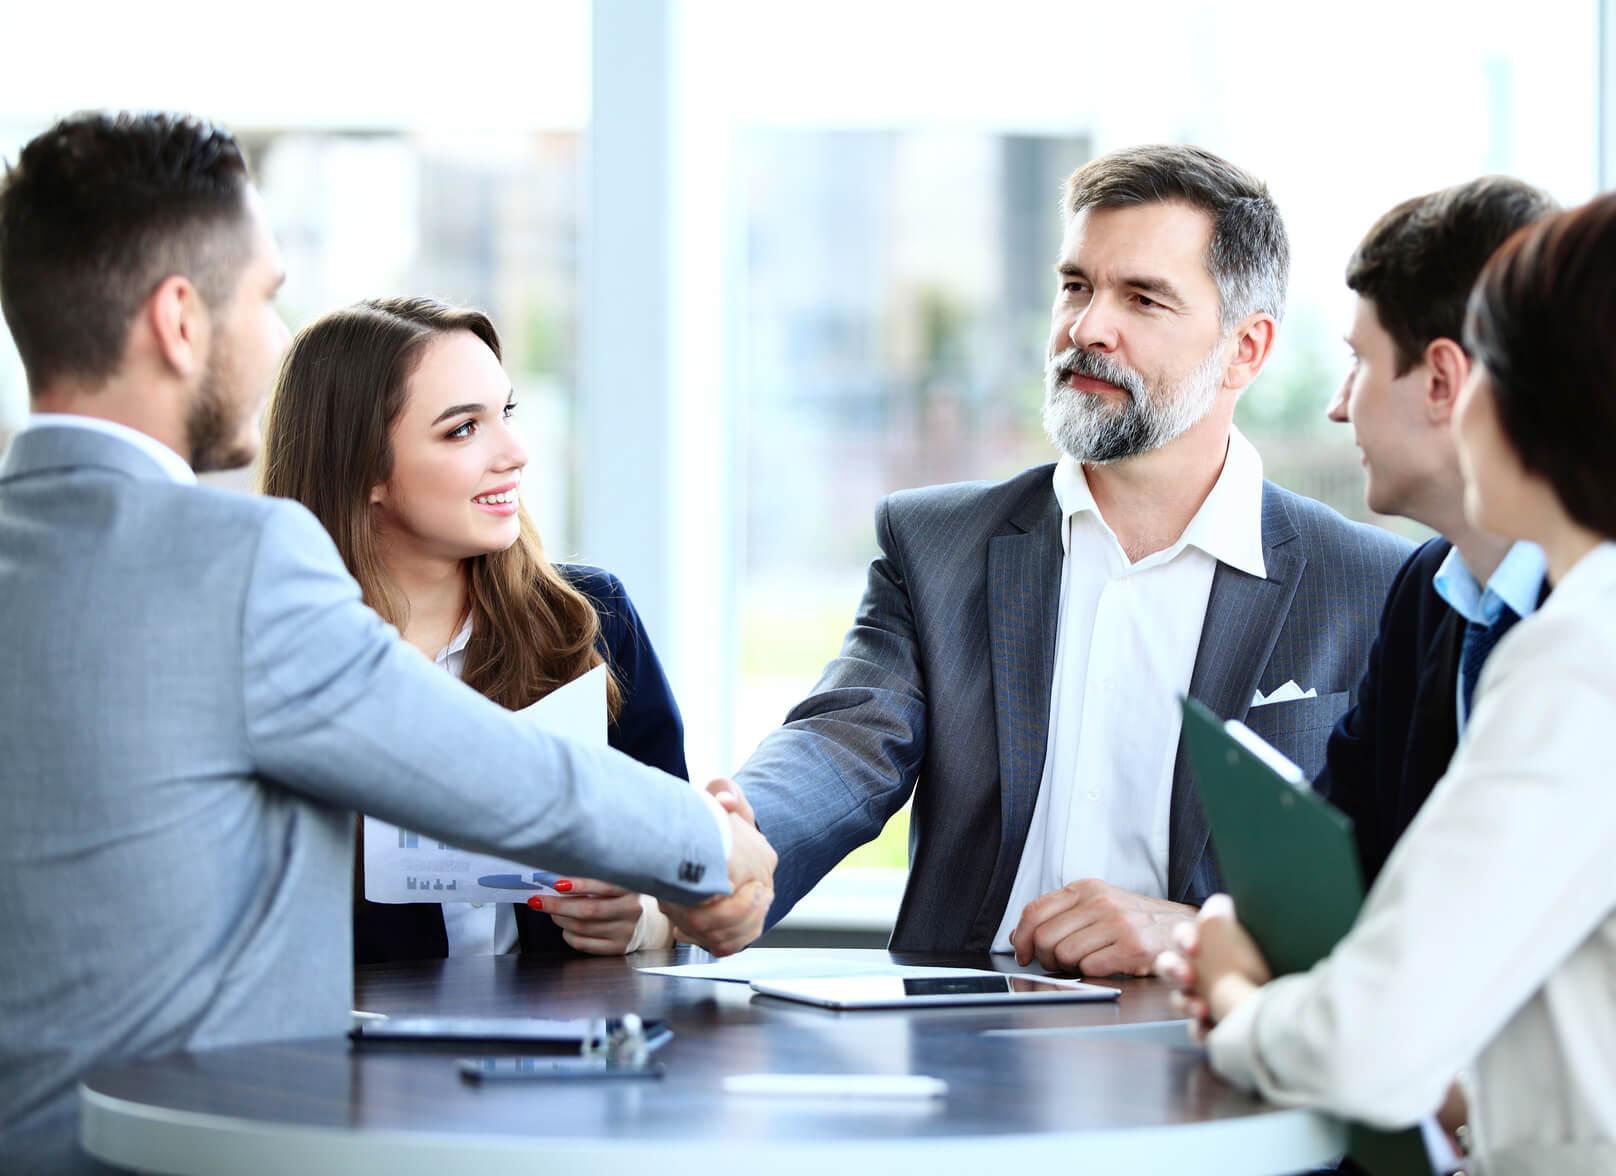 Strukturiertes Interview als Einstellungsgespräch mit Bewerber und mehreren Interviewpartnern